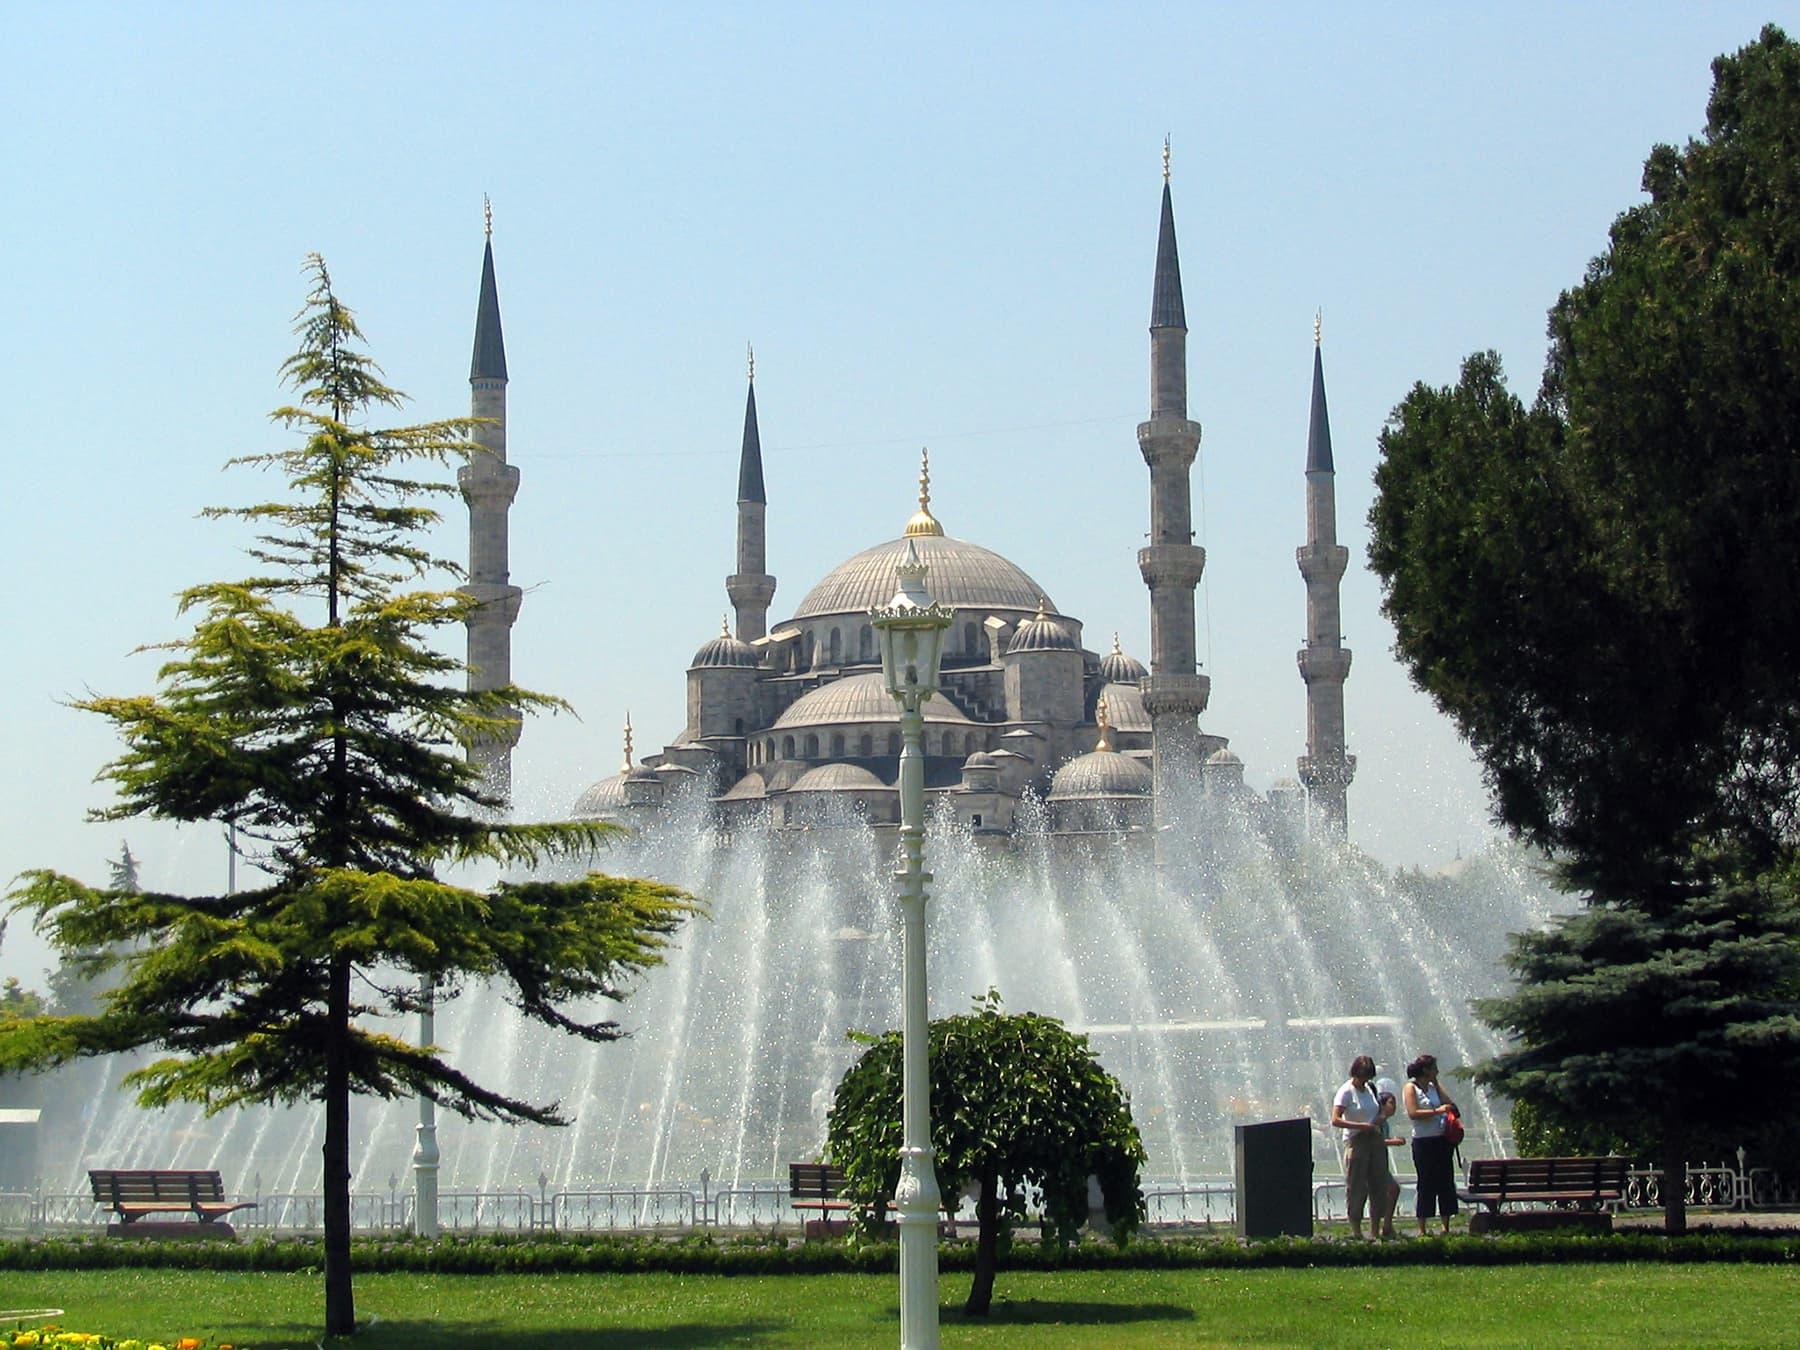 2007ء میں کھینچی گئی نیلی مسجد کی تصویر—تصویر عبیداللہ کیہر